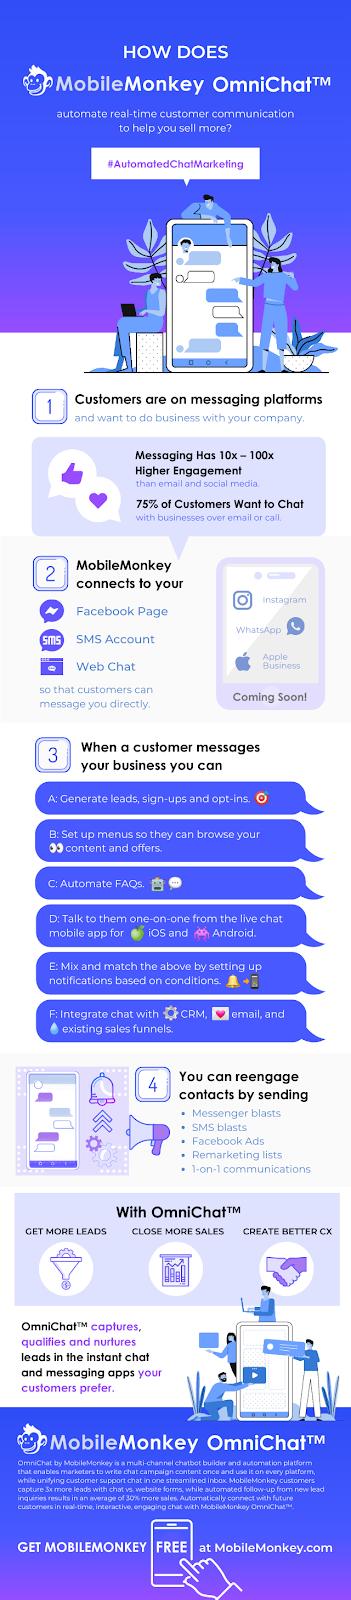 MobileMonkey OmniChat